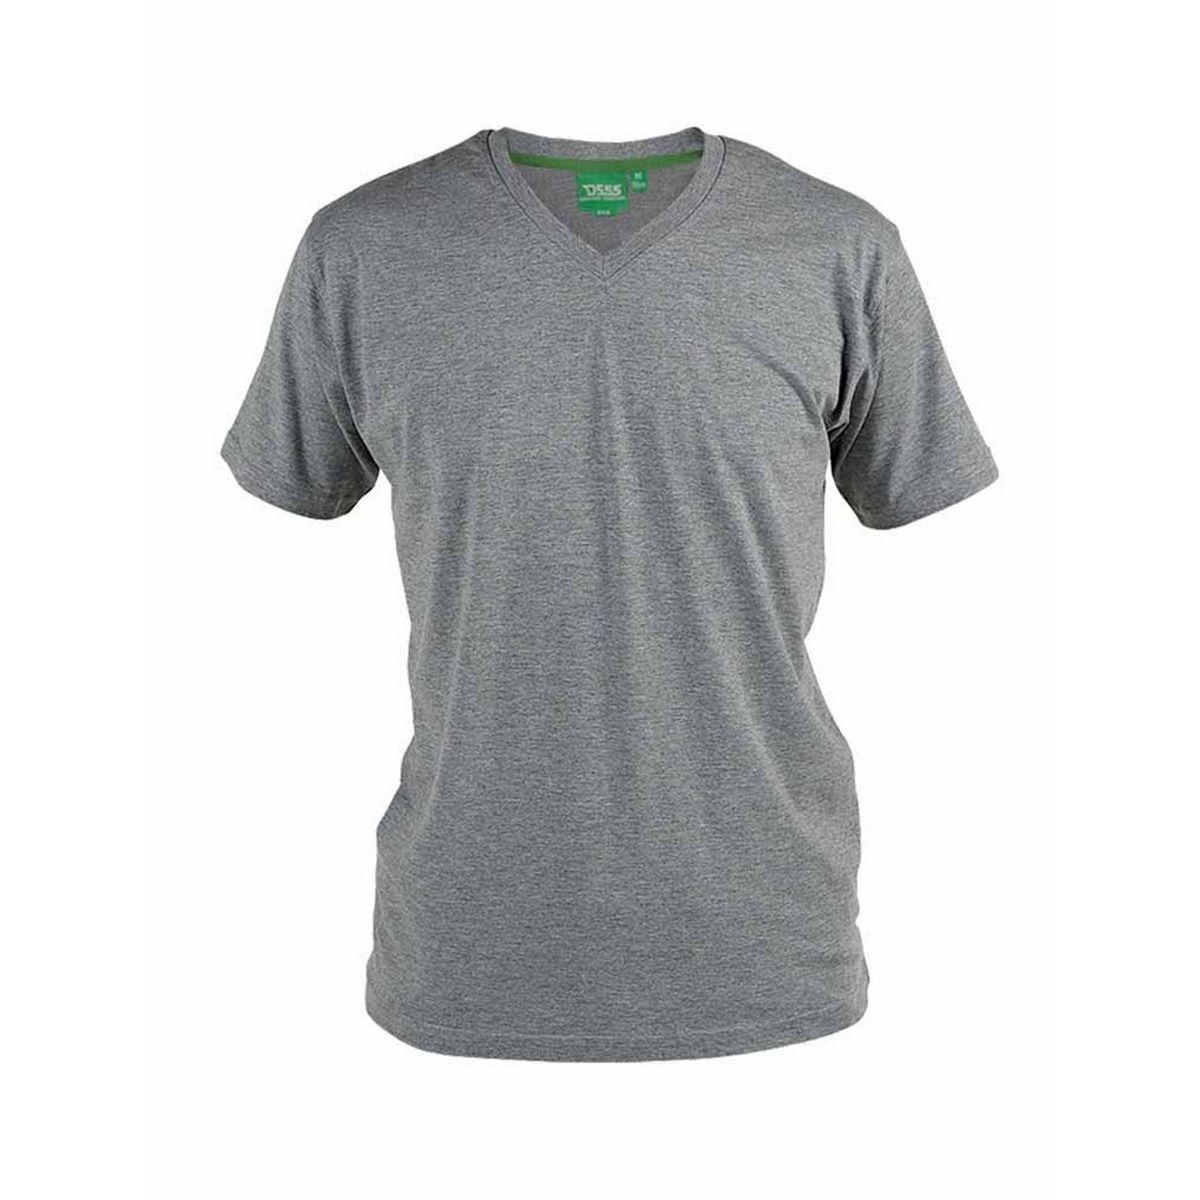 T-shirt D555 KINGSIZE SIGNATURE